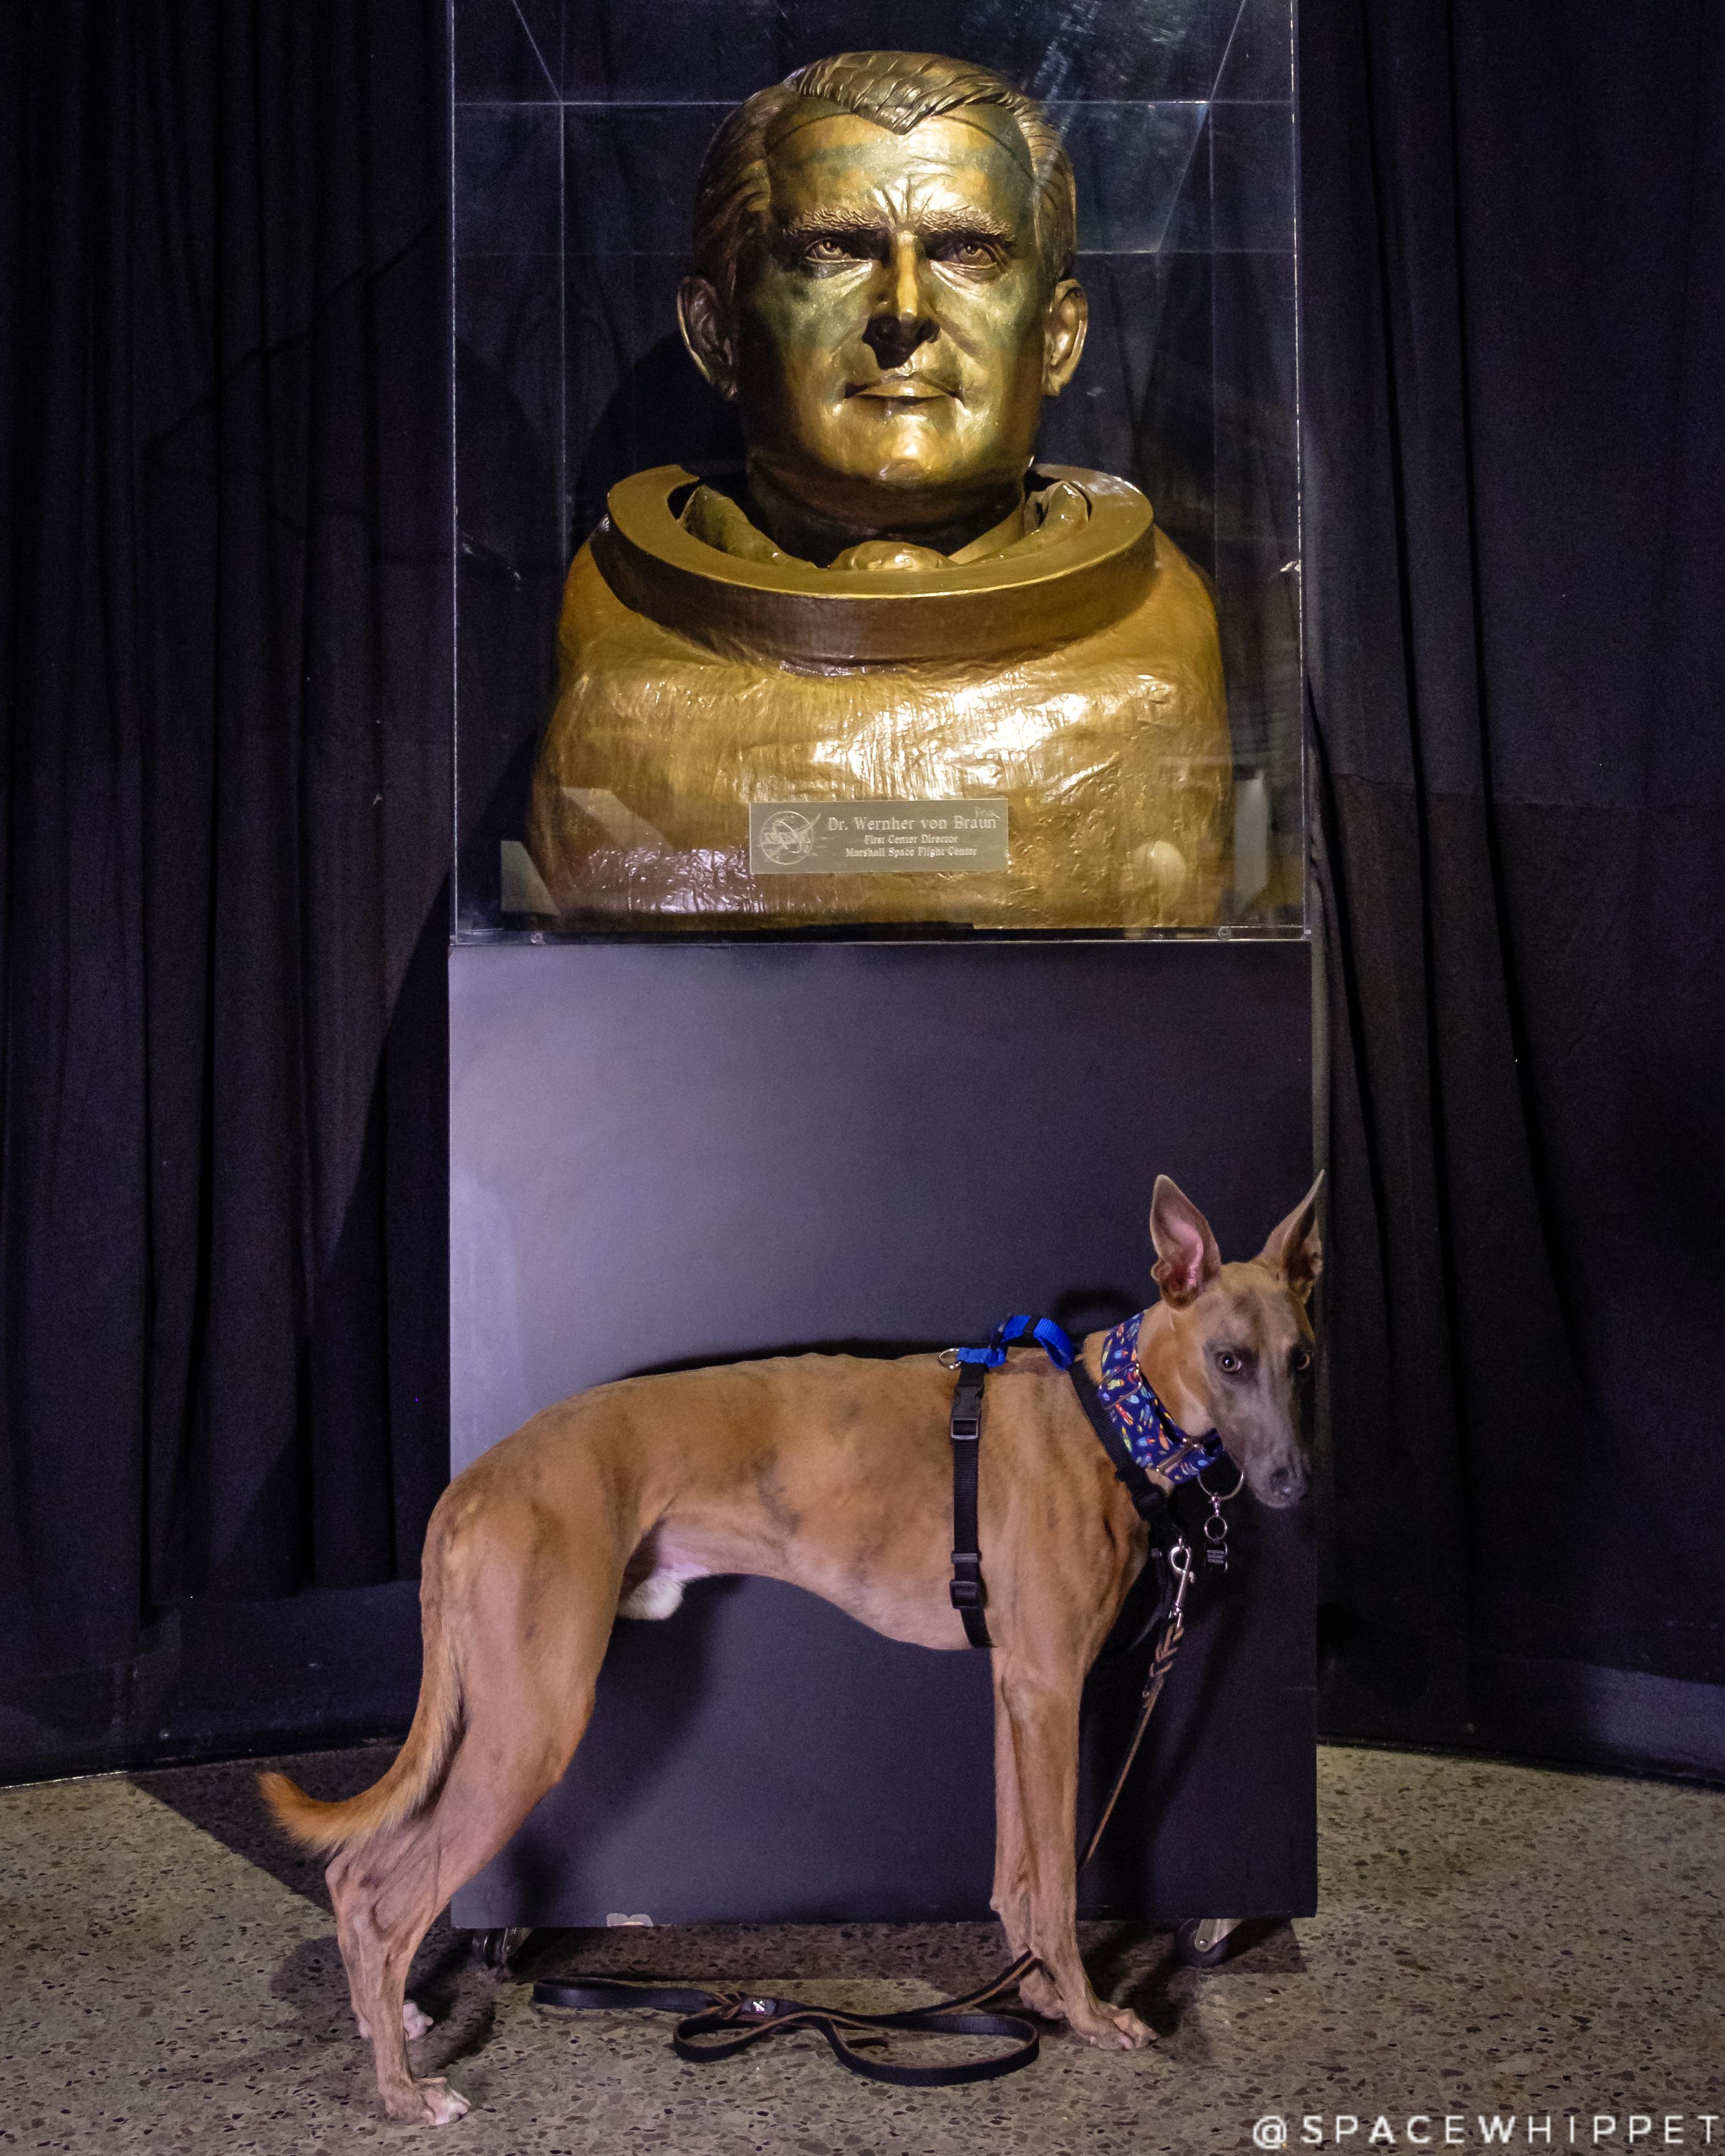 Kuiper poses with a bust of Wernher Von Braun.